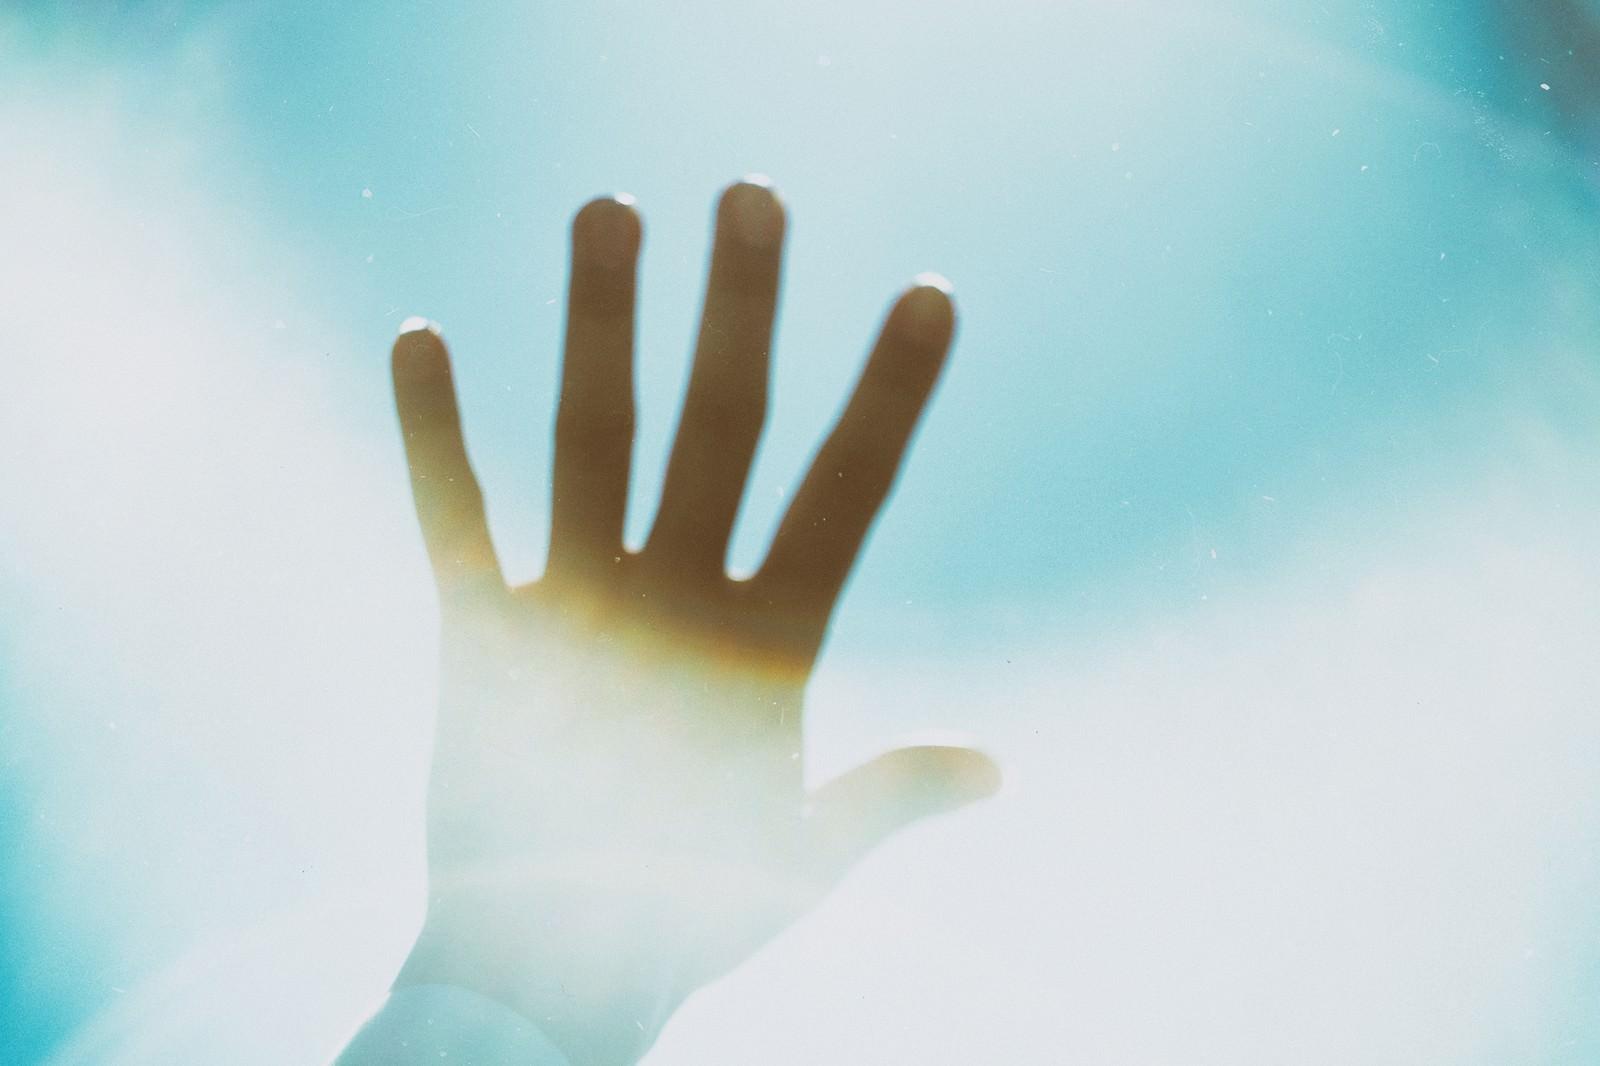 「空に向けた手空に向けた手」のフリー写真素材を拡大